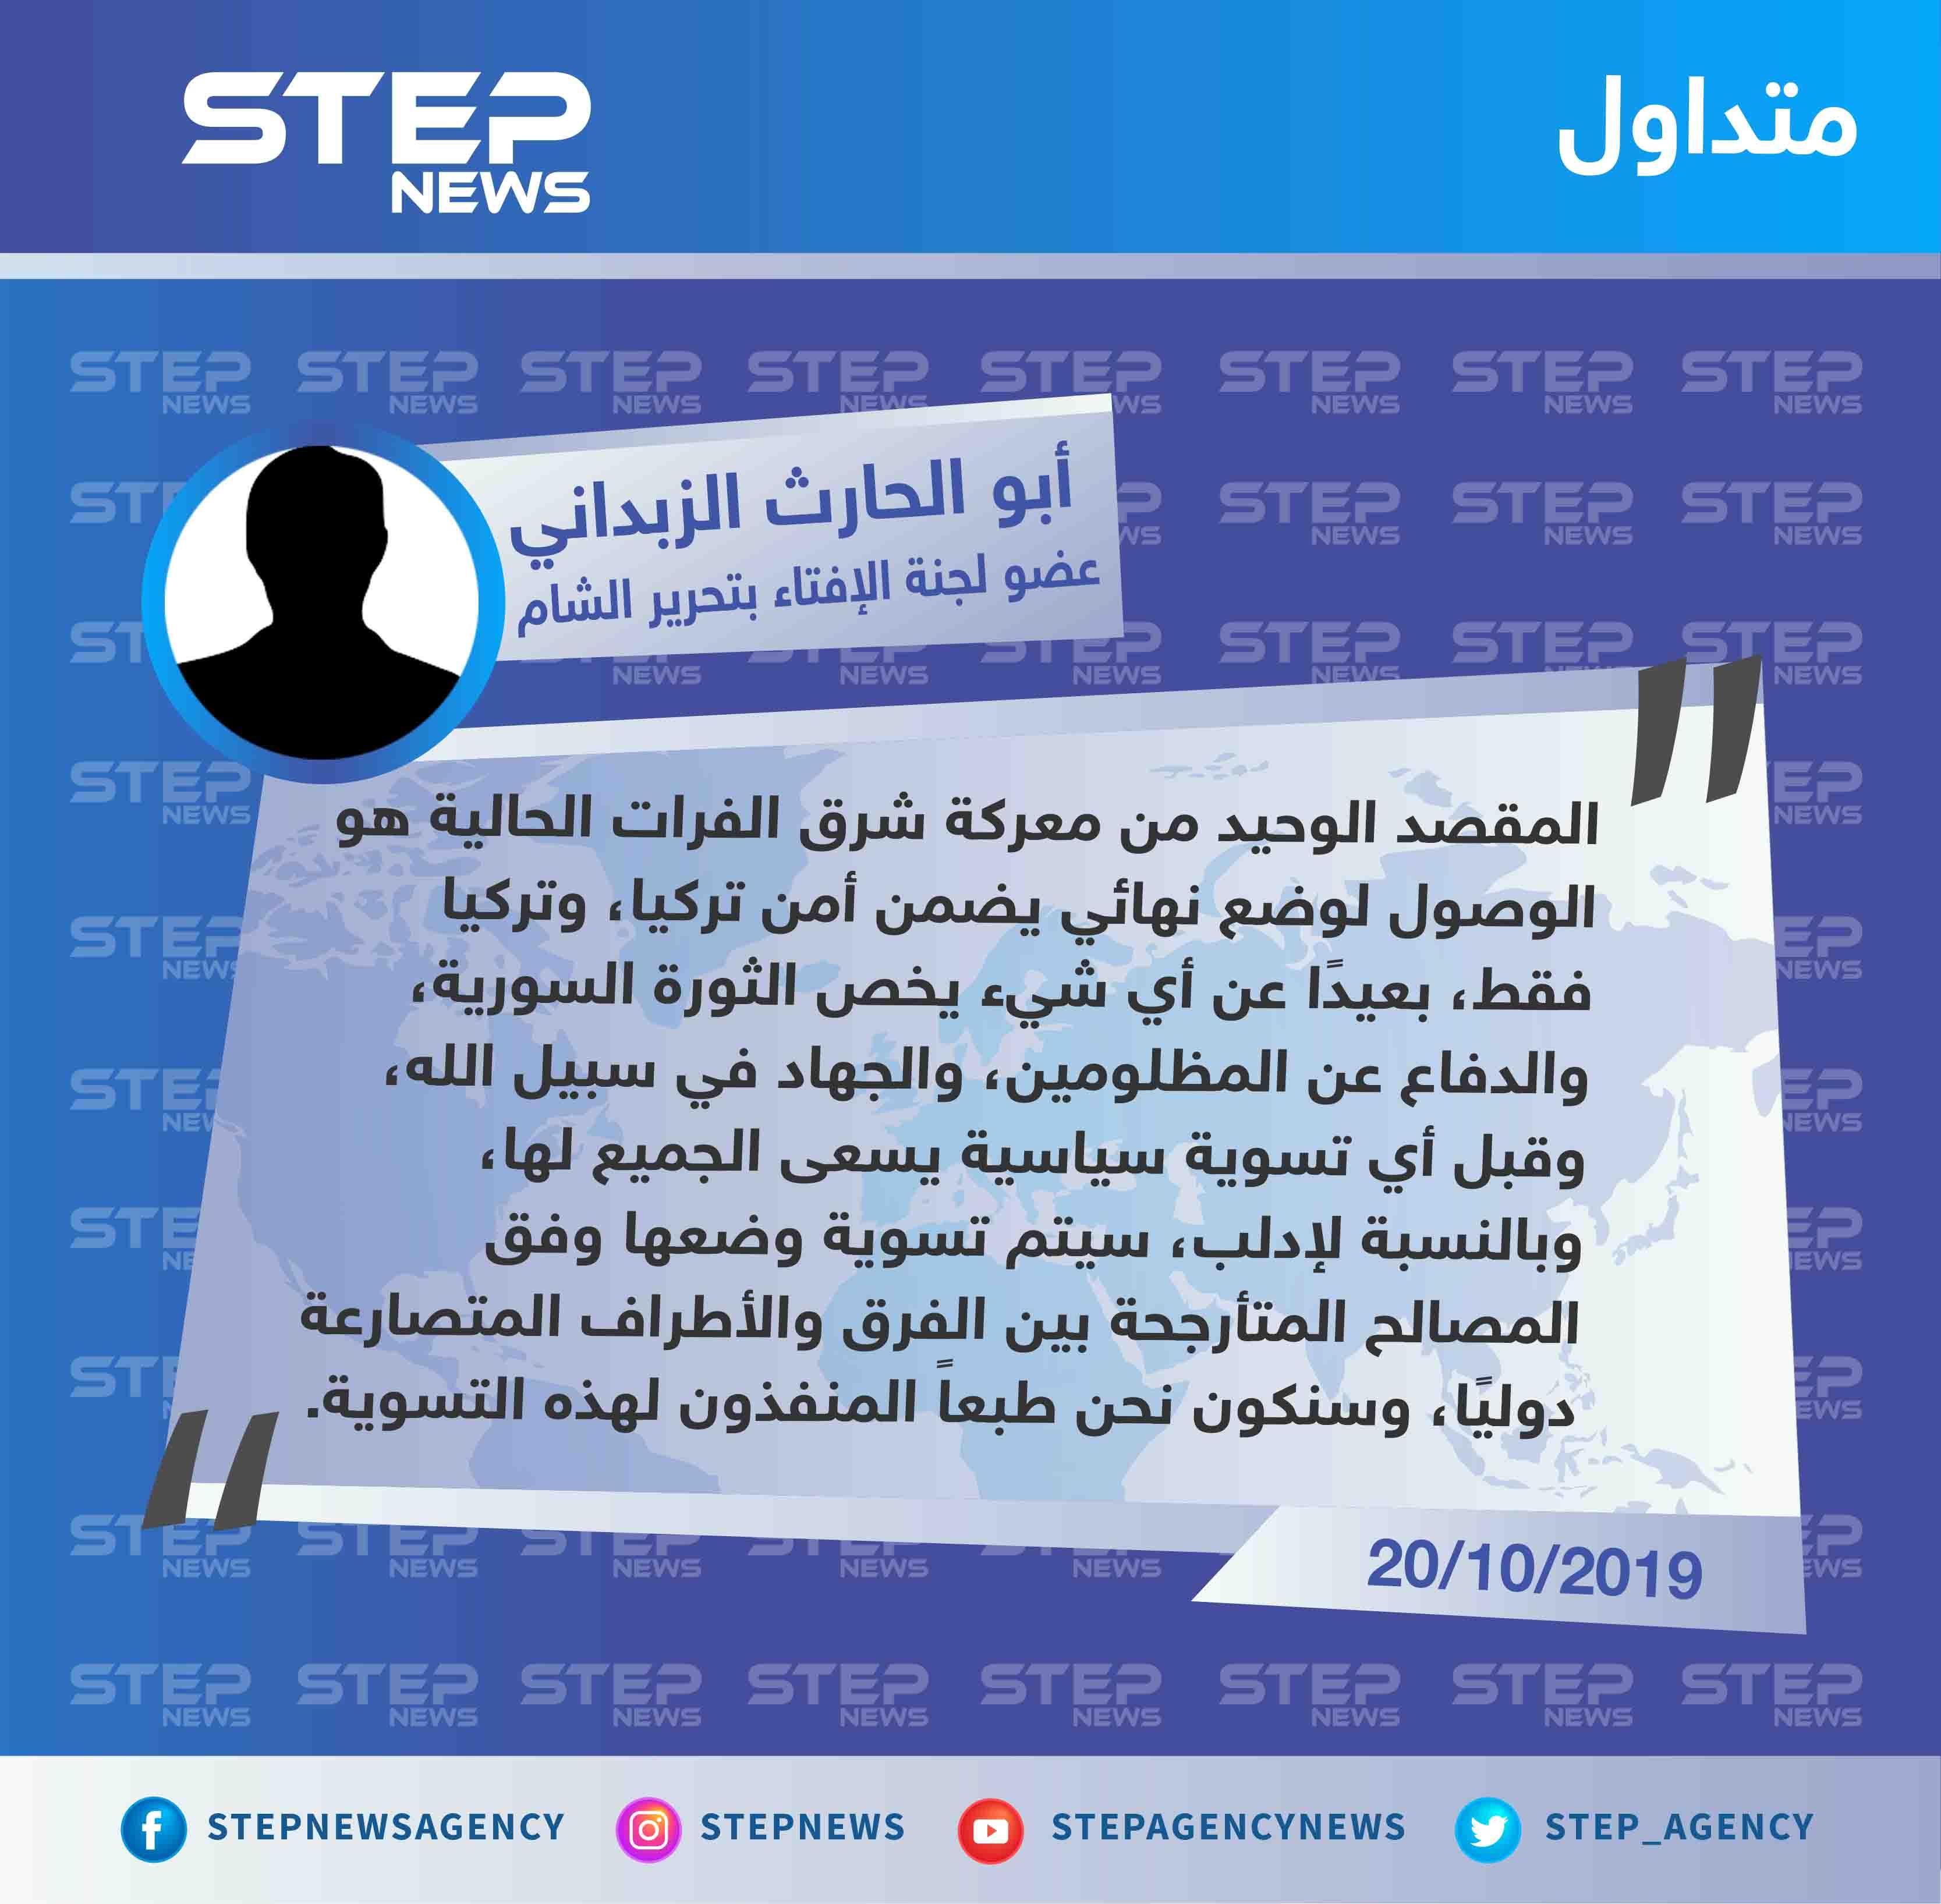 عضو لجنة الإفتاء بتحرير الشام: تركيا لا يهمها الثورة السورية والمظلومين.. والفصائل ستكون أداة لتسوية وضع إدلب